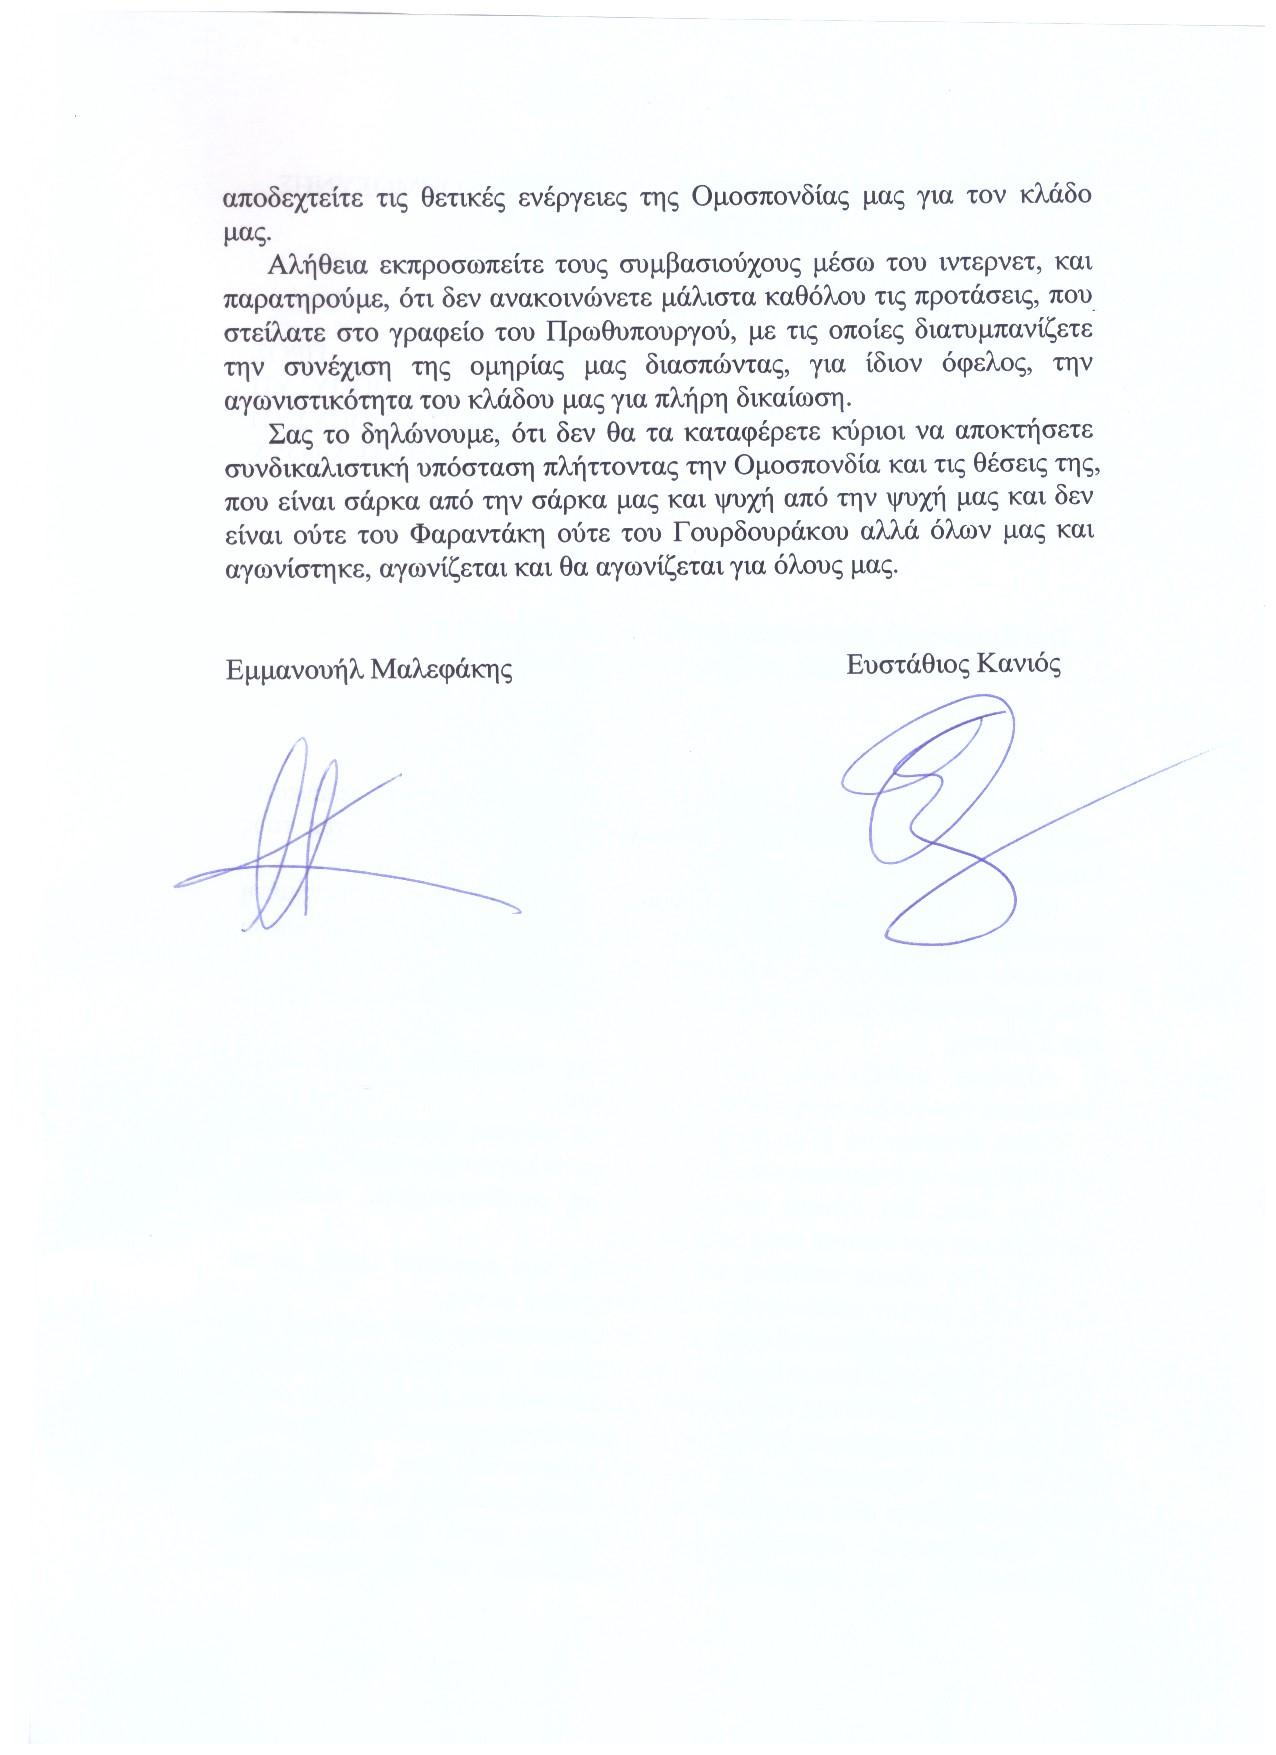 Αρ. πρωτοκ. 2631 04.04.2018 Επιστολή Μαλεφάκη Κανιού 2